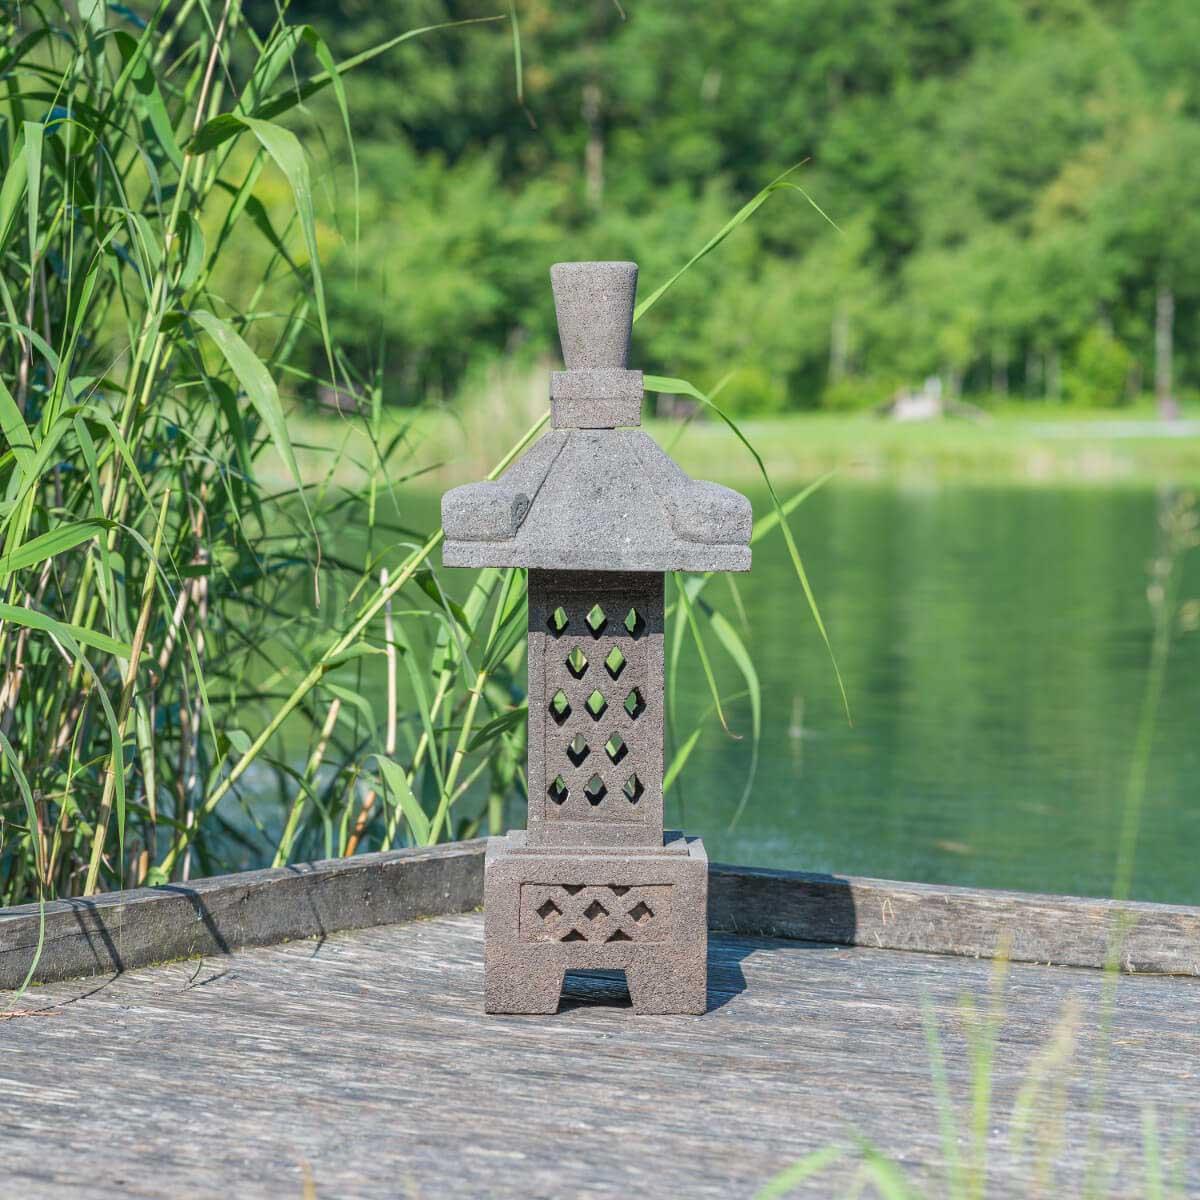 Lampe japonaise en pierre de lave naturel h 75 cm for Lampe japonaise exterieur